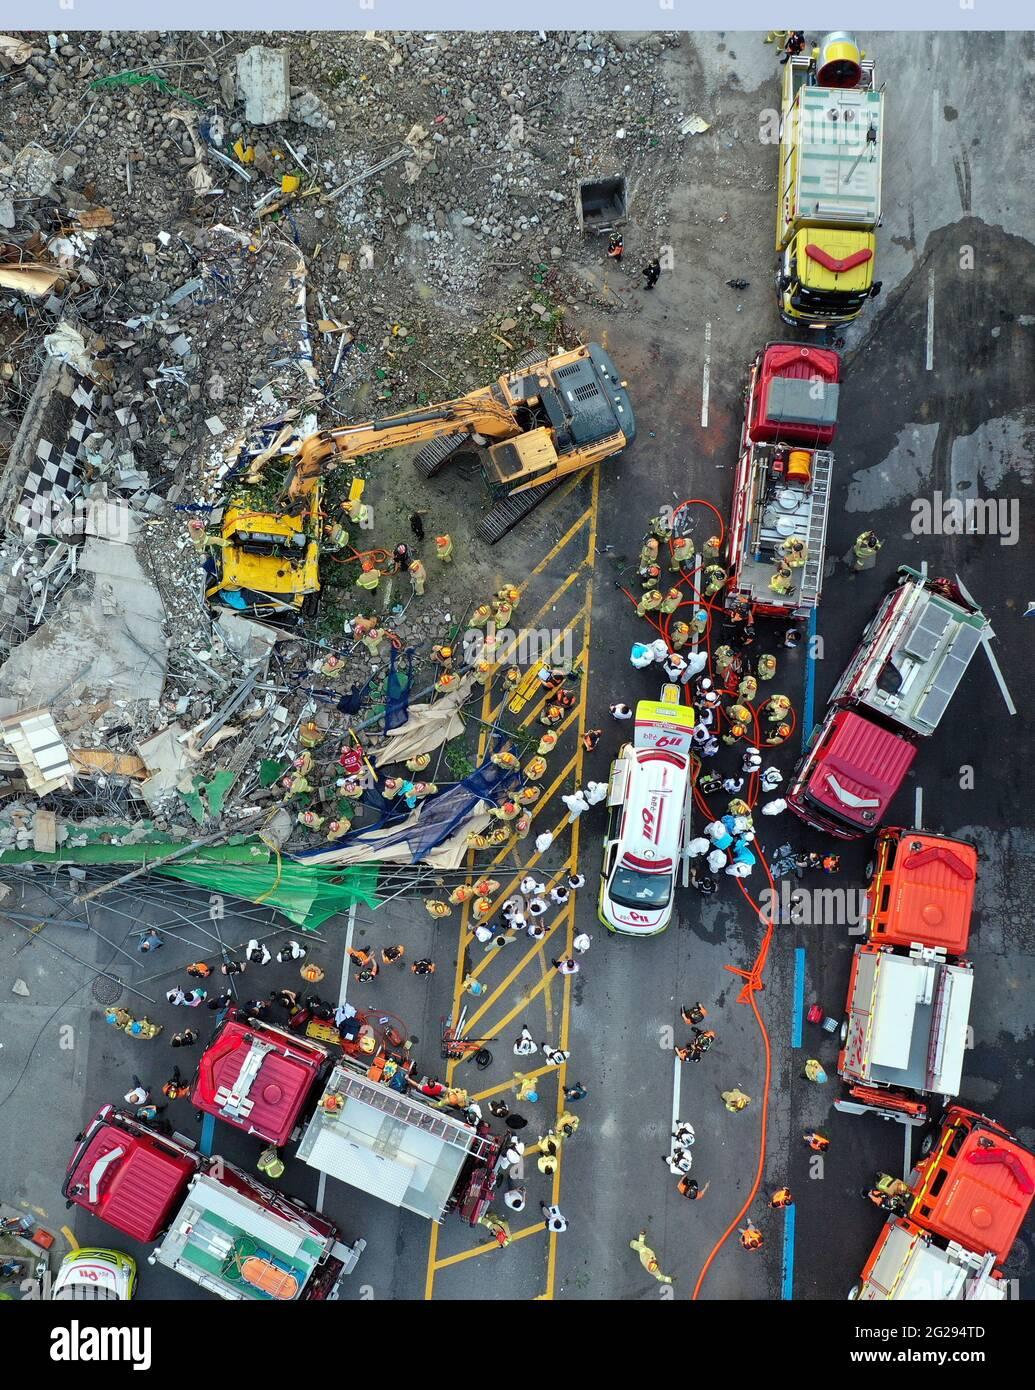 Gwangju, Corée du Sud. 9 juin 2021. La photo prise le 9 juin 2021 montre le site d'un accident d'effondrement dans la ville de Gwangju, dans le sud-ouest de la Corée du Sud. Au moins neuf personnes ont été confirmées mortes et huit autres blessées dans un accident d'effondrement de bâtiments dans le sud-ouest de la Corée du Sud, a rapporté l'agence de presse Yonhap mercredi. (NEWSIS/Handout via Xinhua) Credit: Xinhua/Alay Live News Banque D'Images